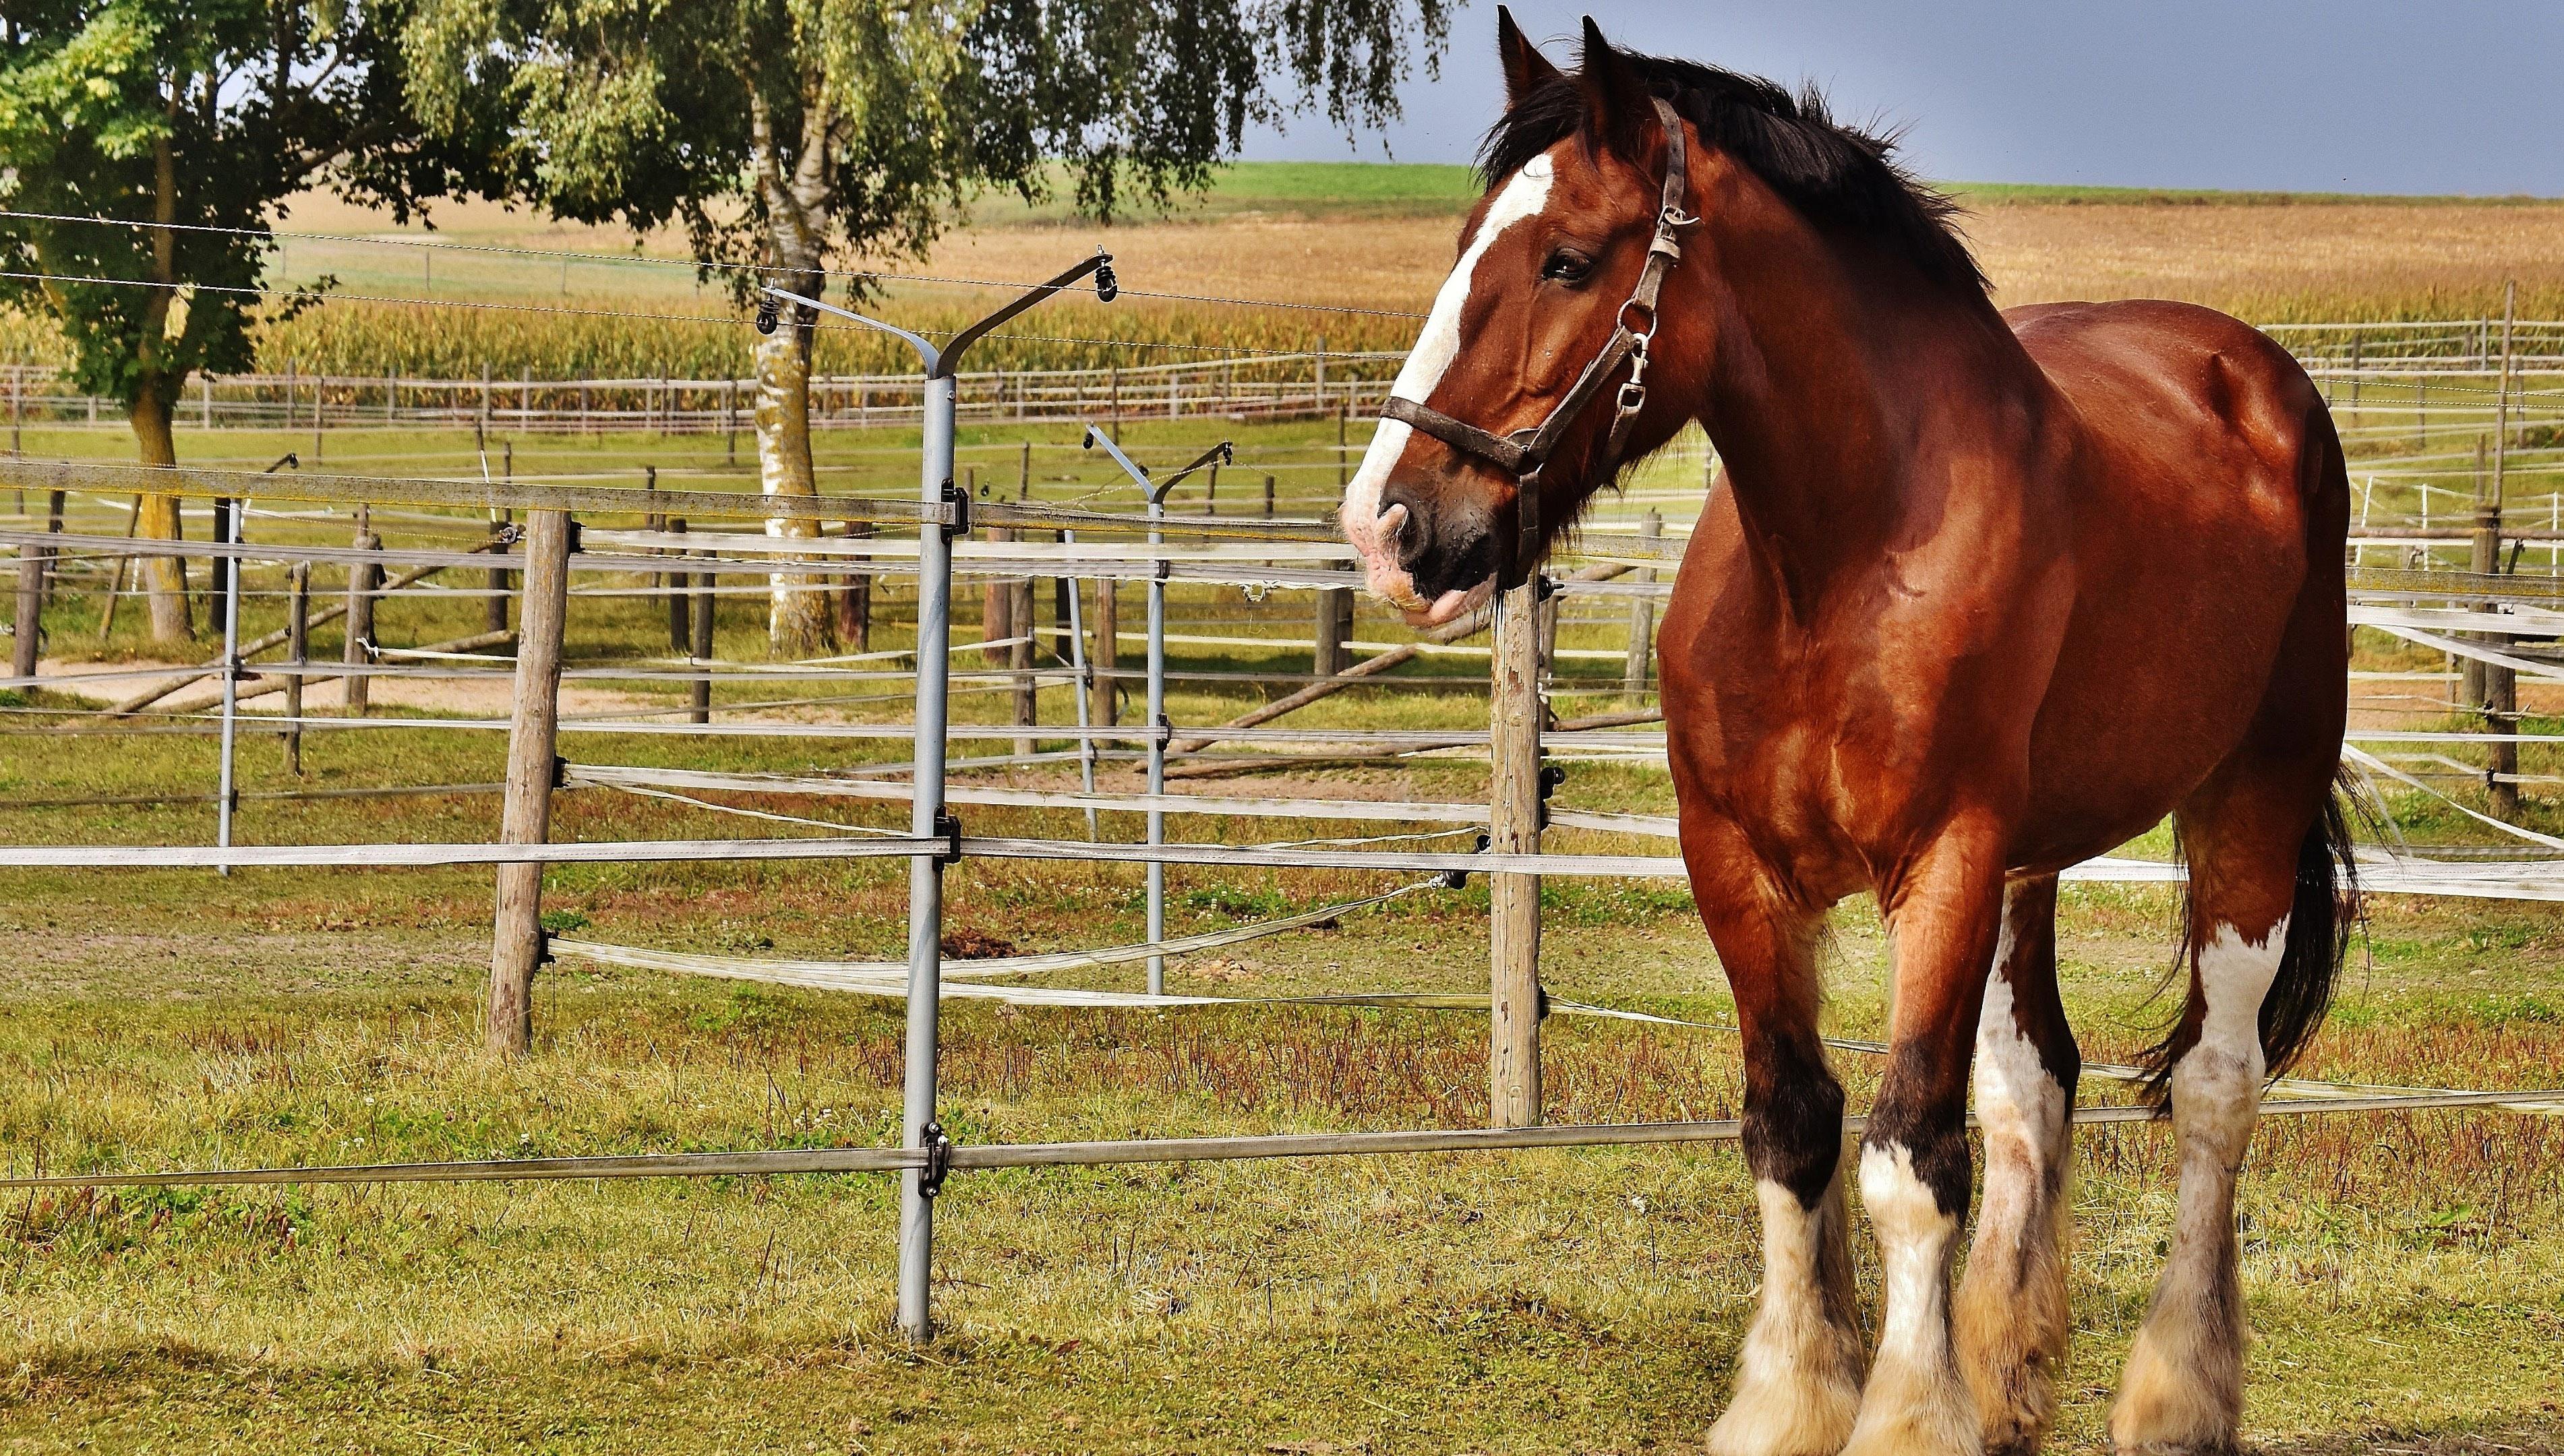 Лошади, коричневый конь на ферме